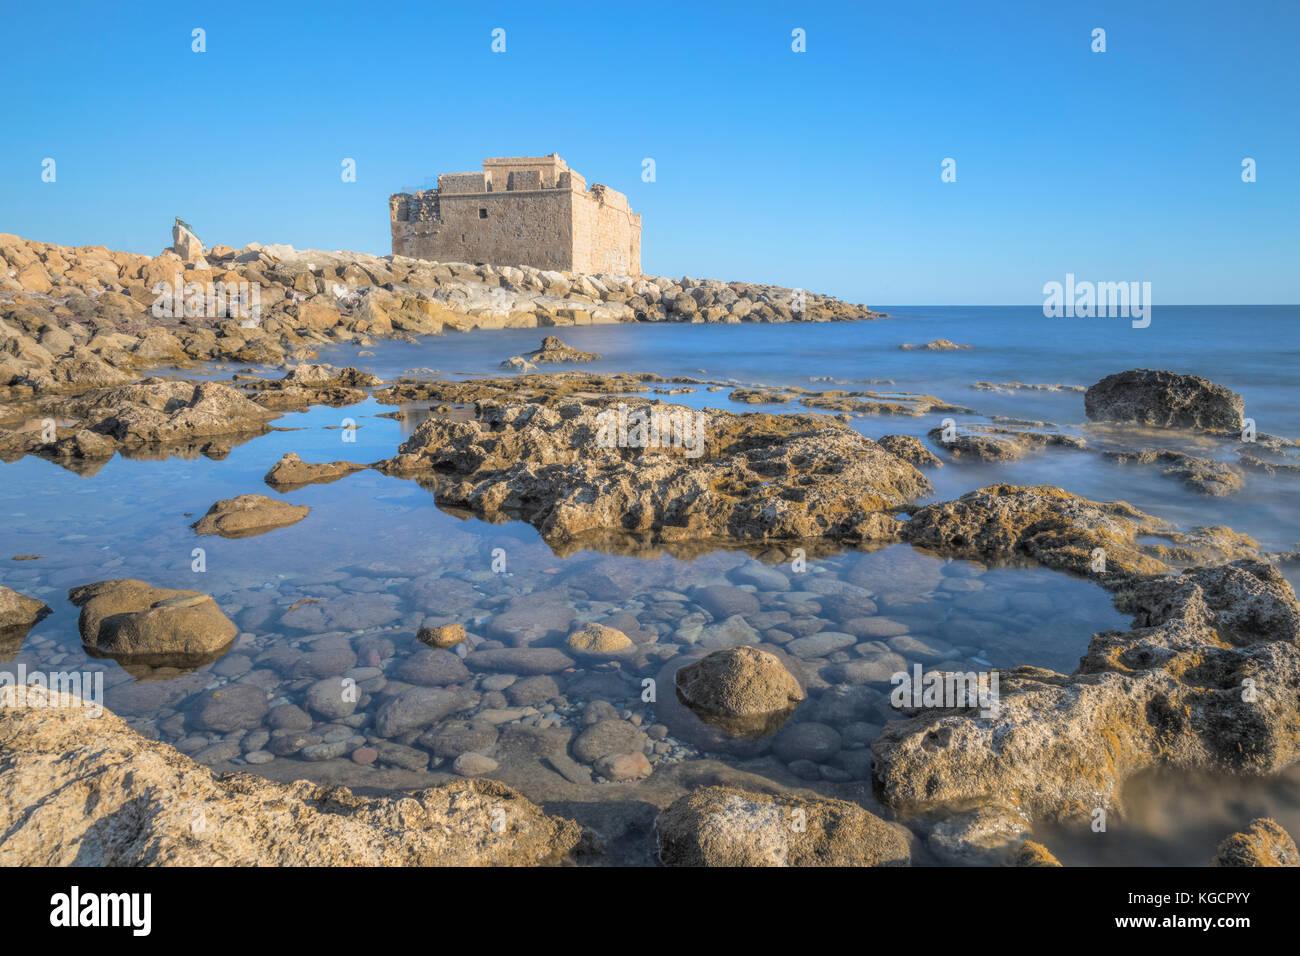 Burg von Paphos, Paphos, Zypern Stockbild